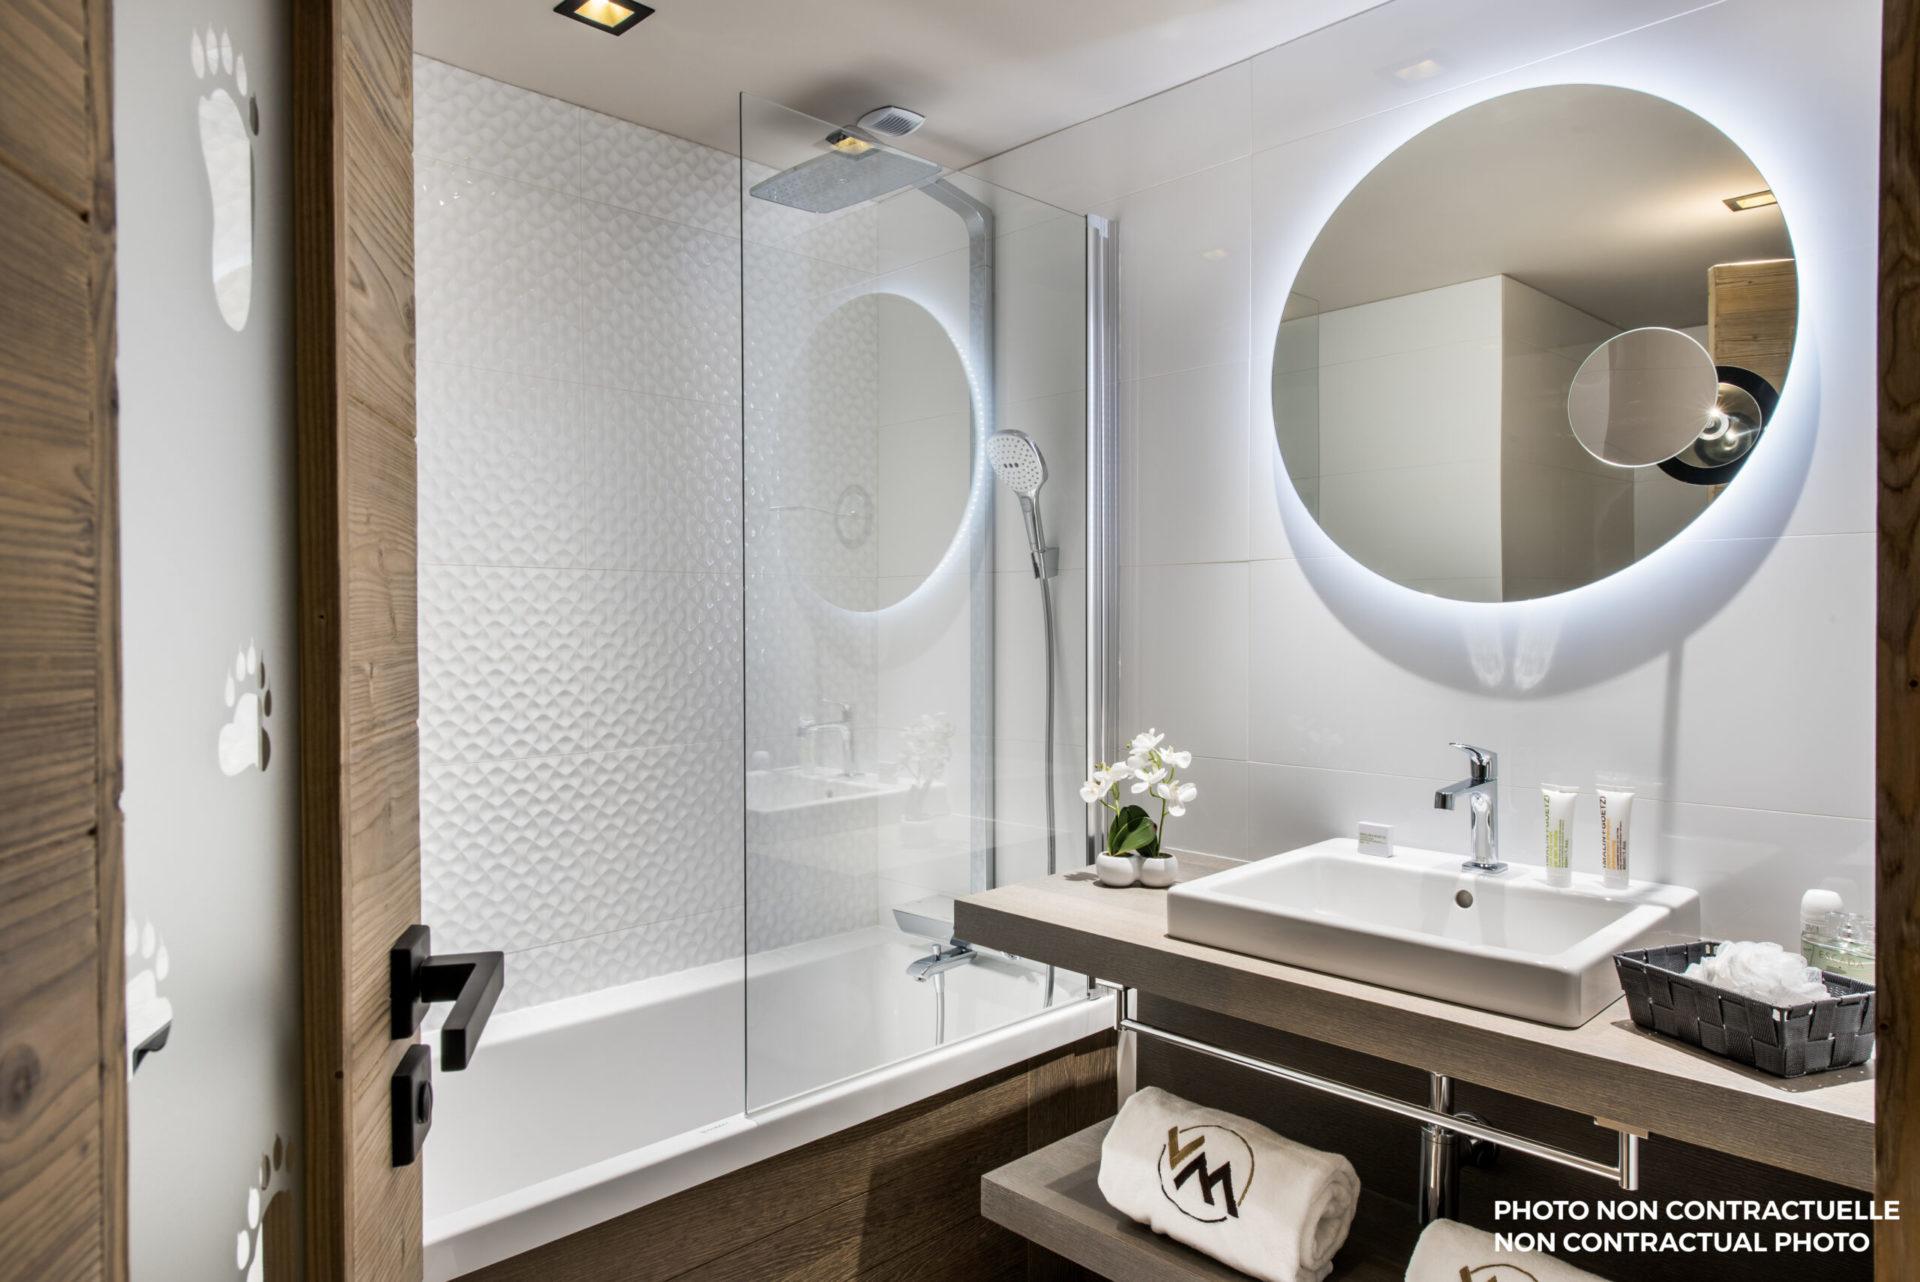 Chalet Izia bathroom